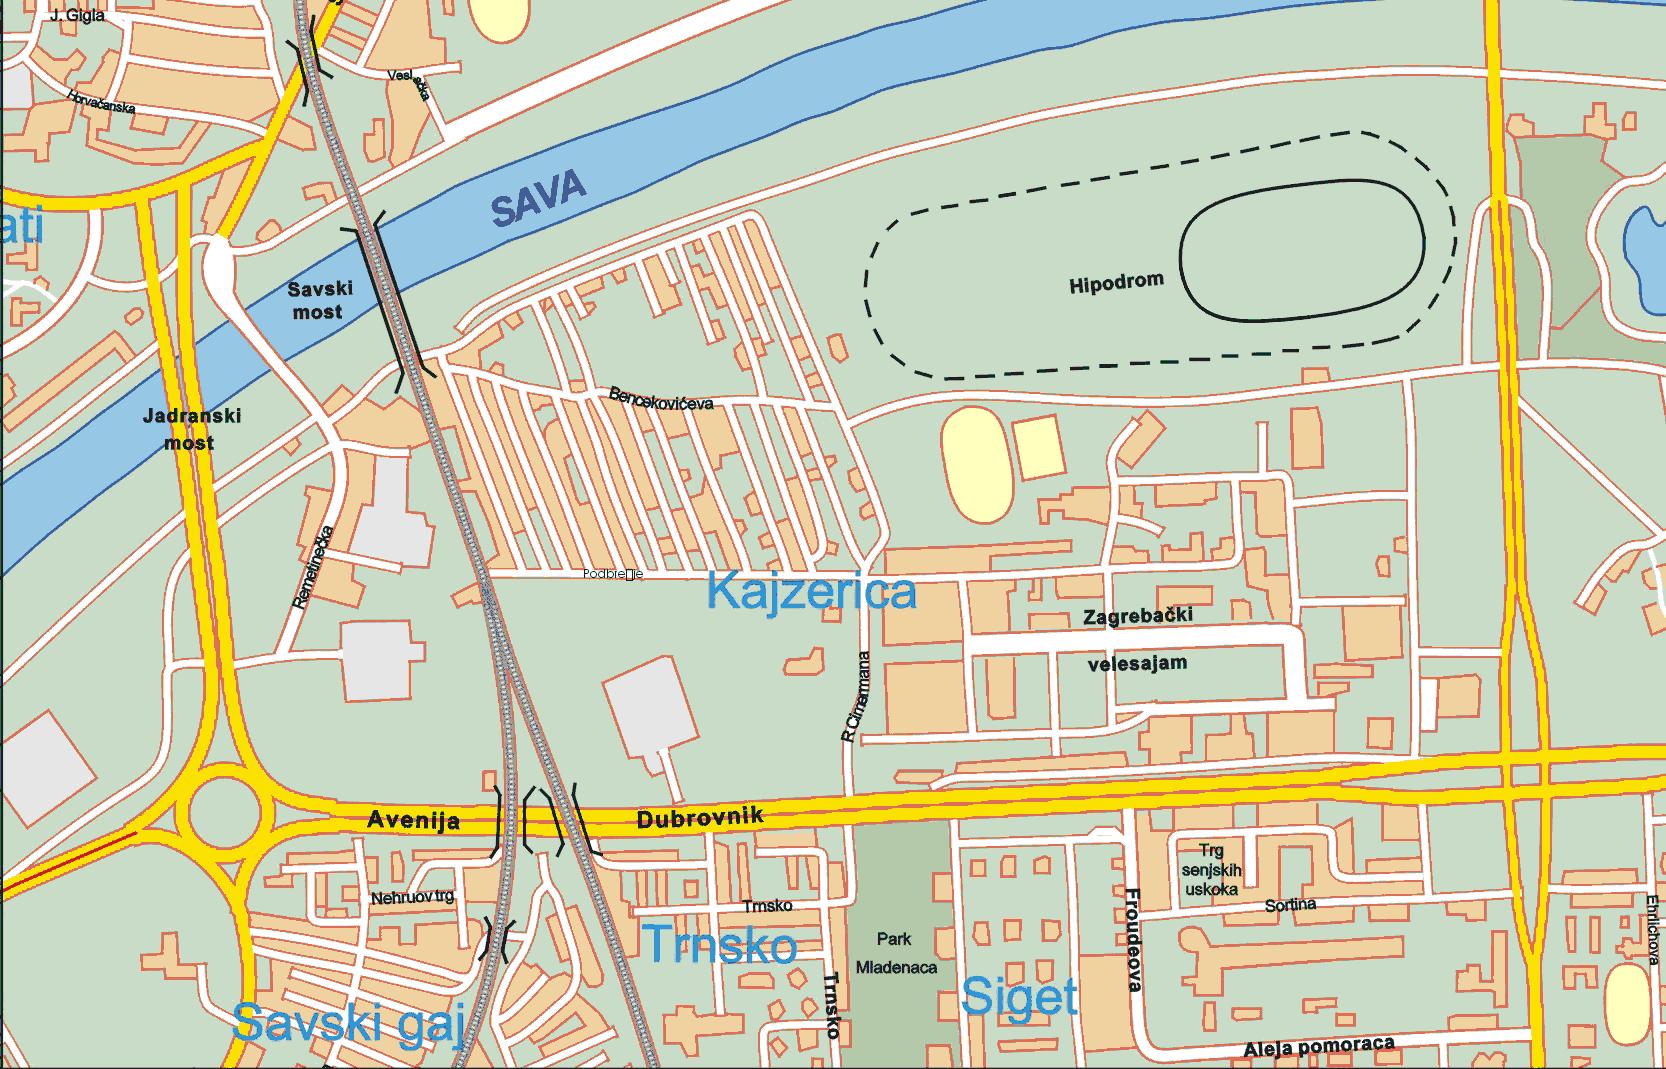 Glazbena karta grada zagreba ivan zajc altavistaventures Choice Image